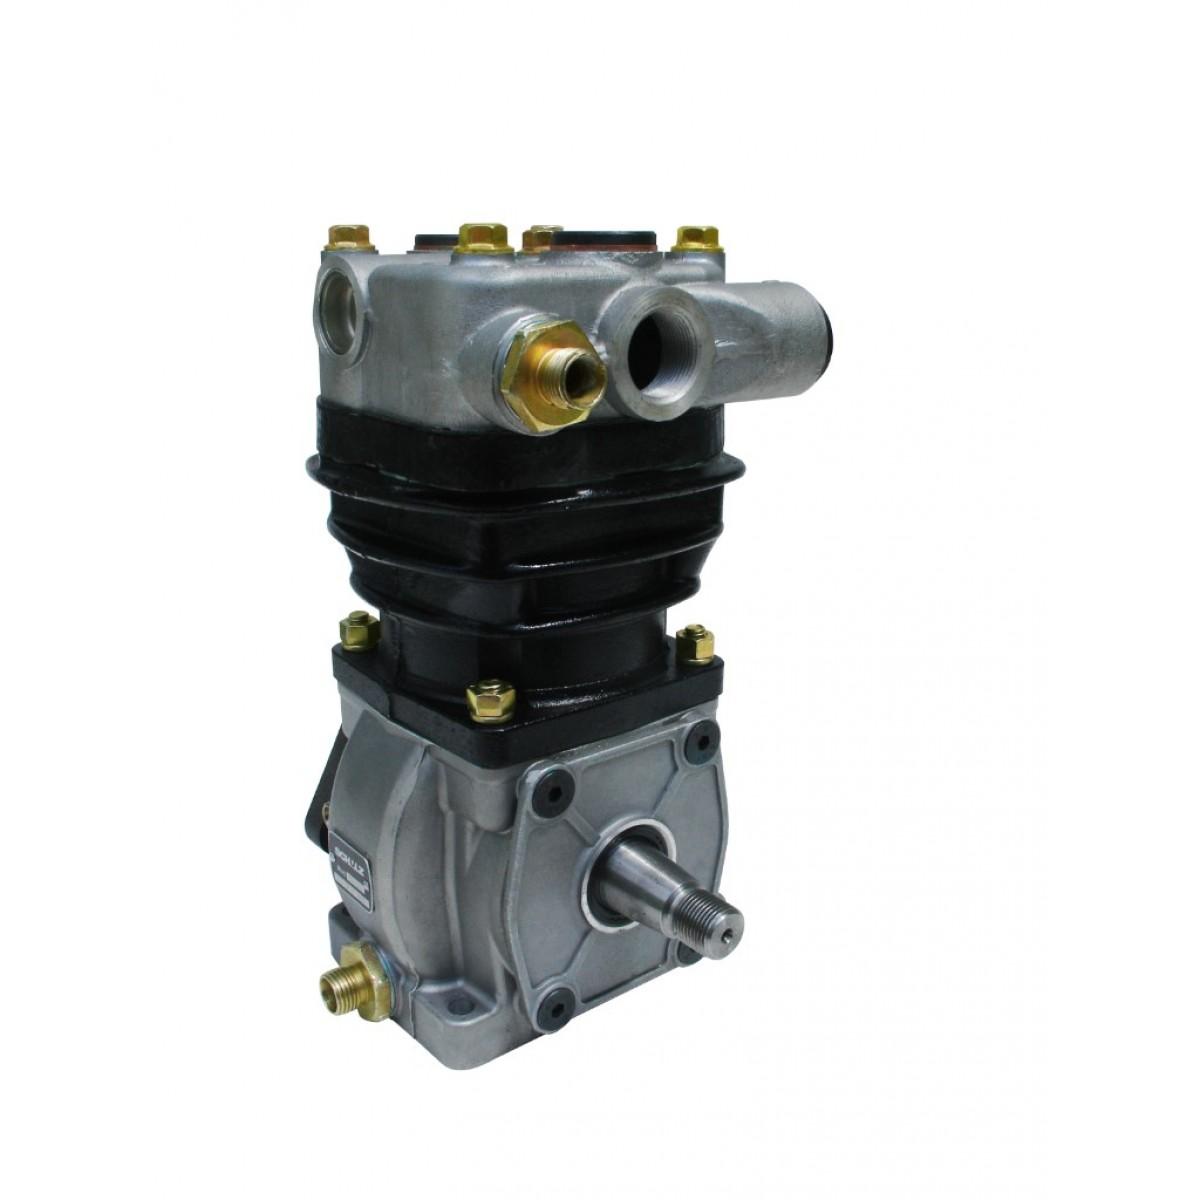 Compressor De Ar Monocilindro OM35 LK38 Mercedes Benz